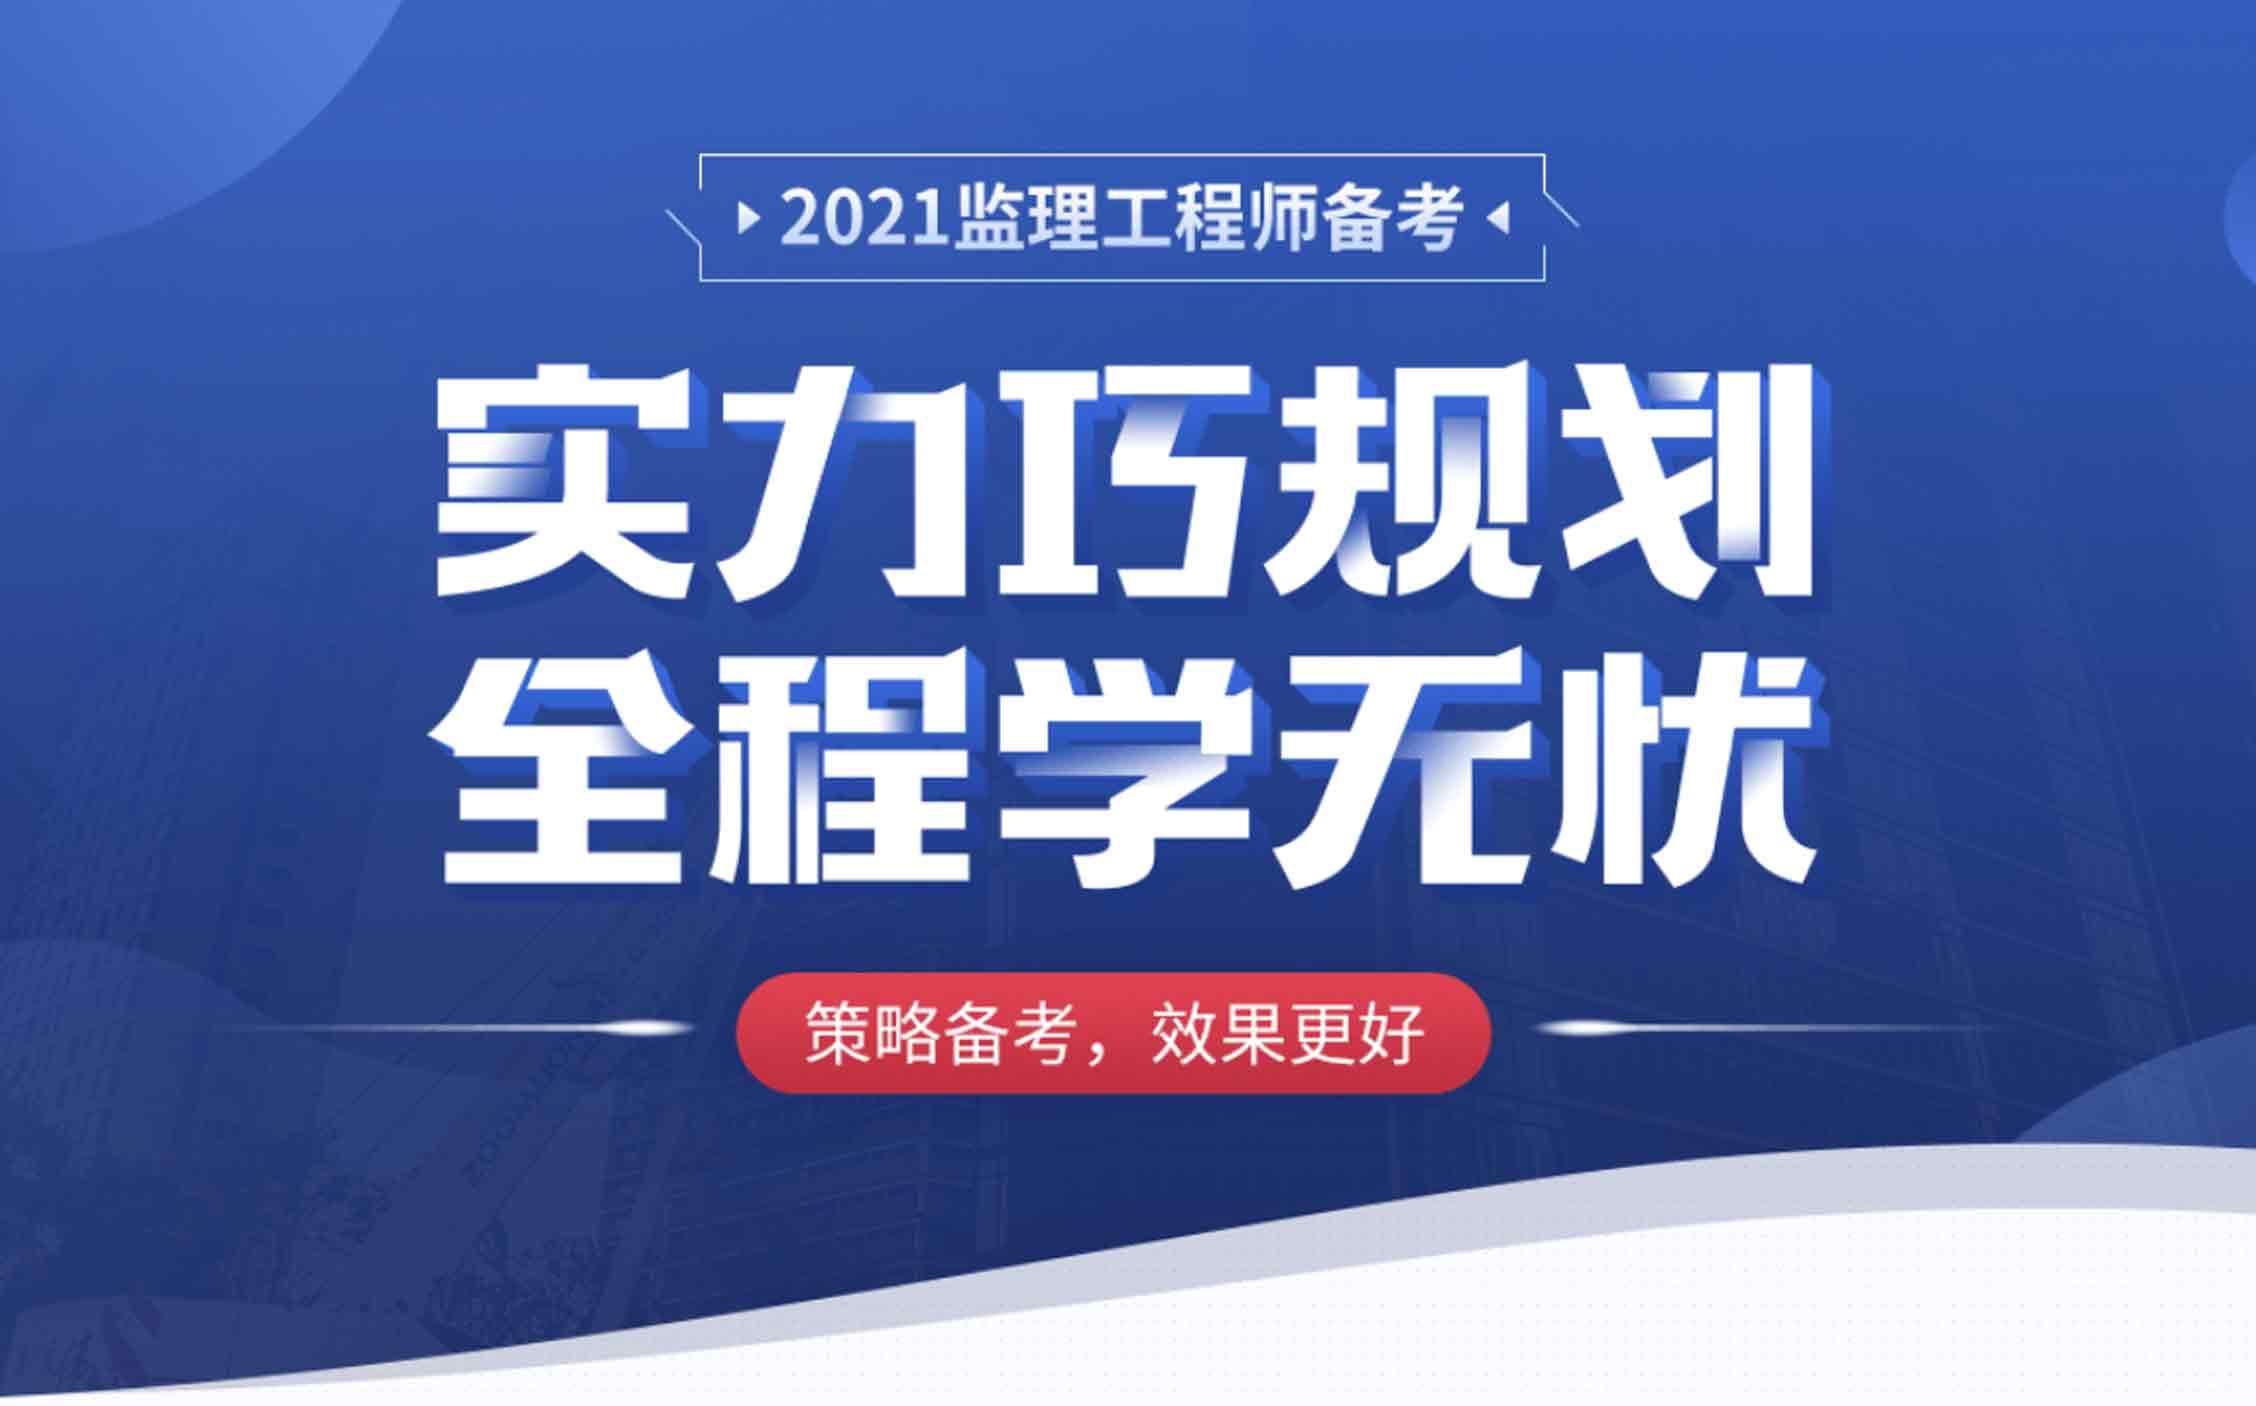 郴州2021监理工程师培训